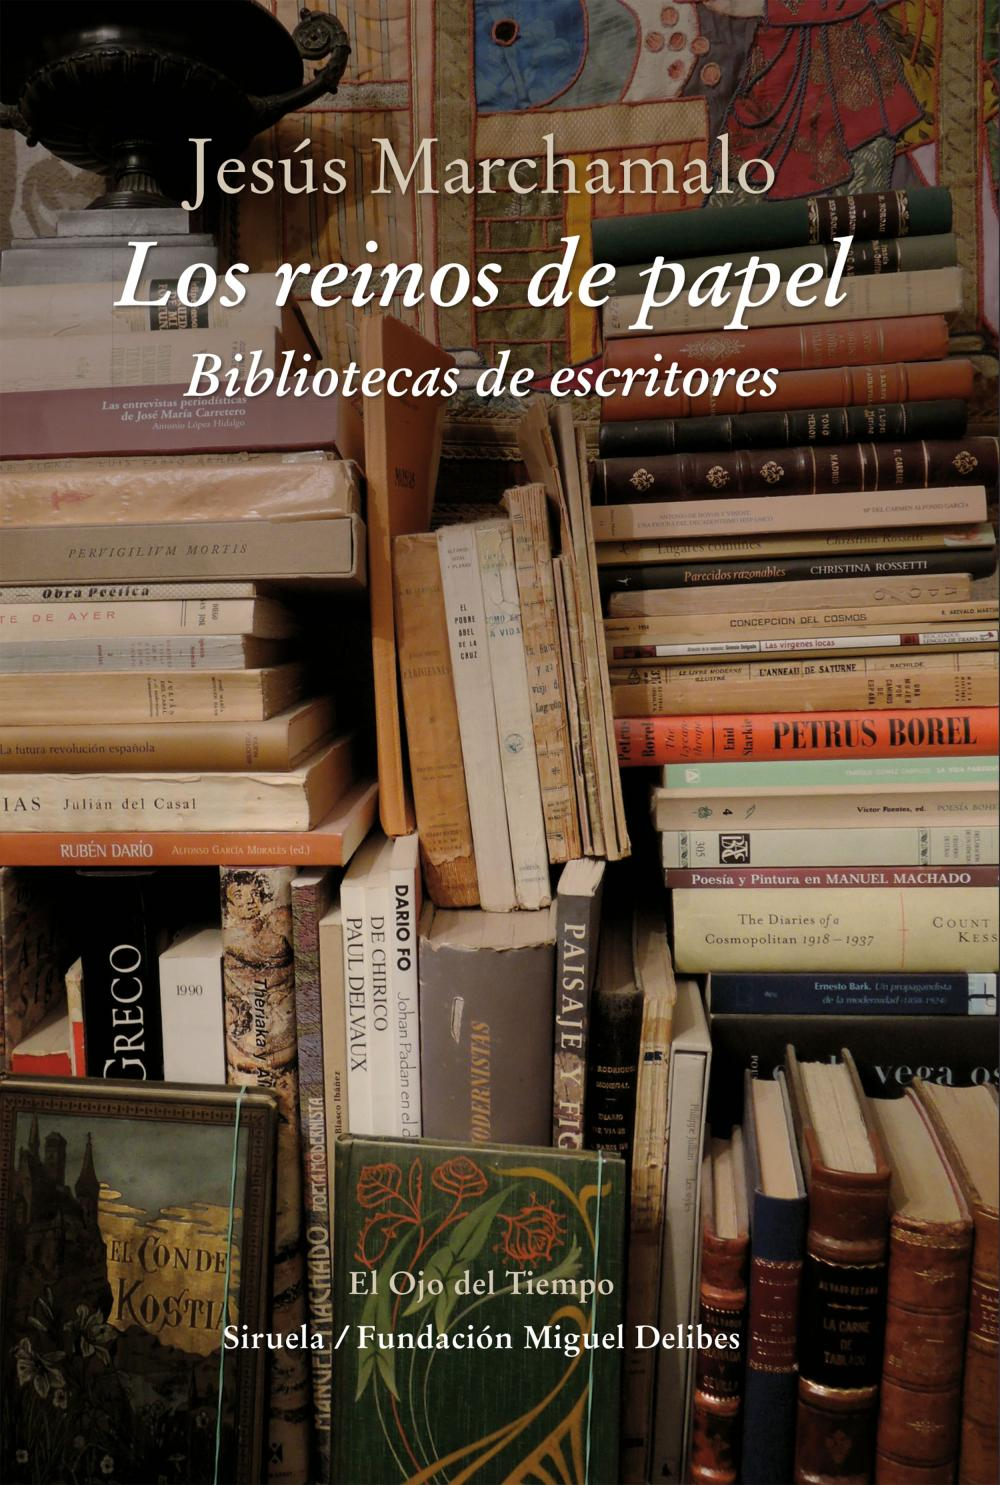 Los reinos de papel